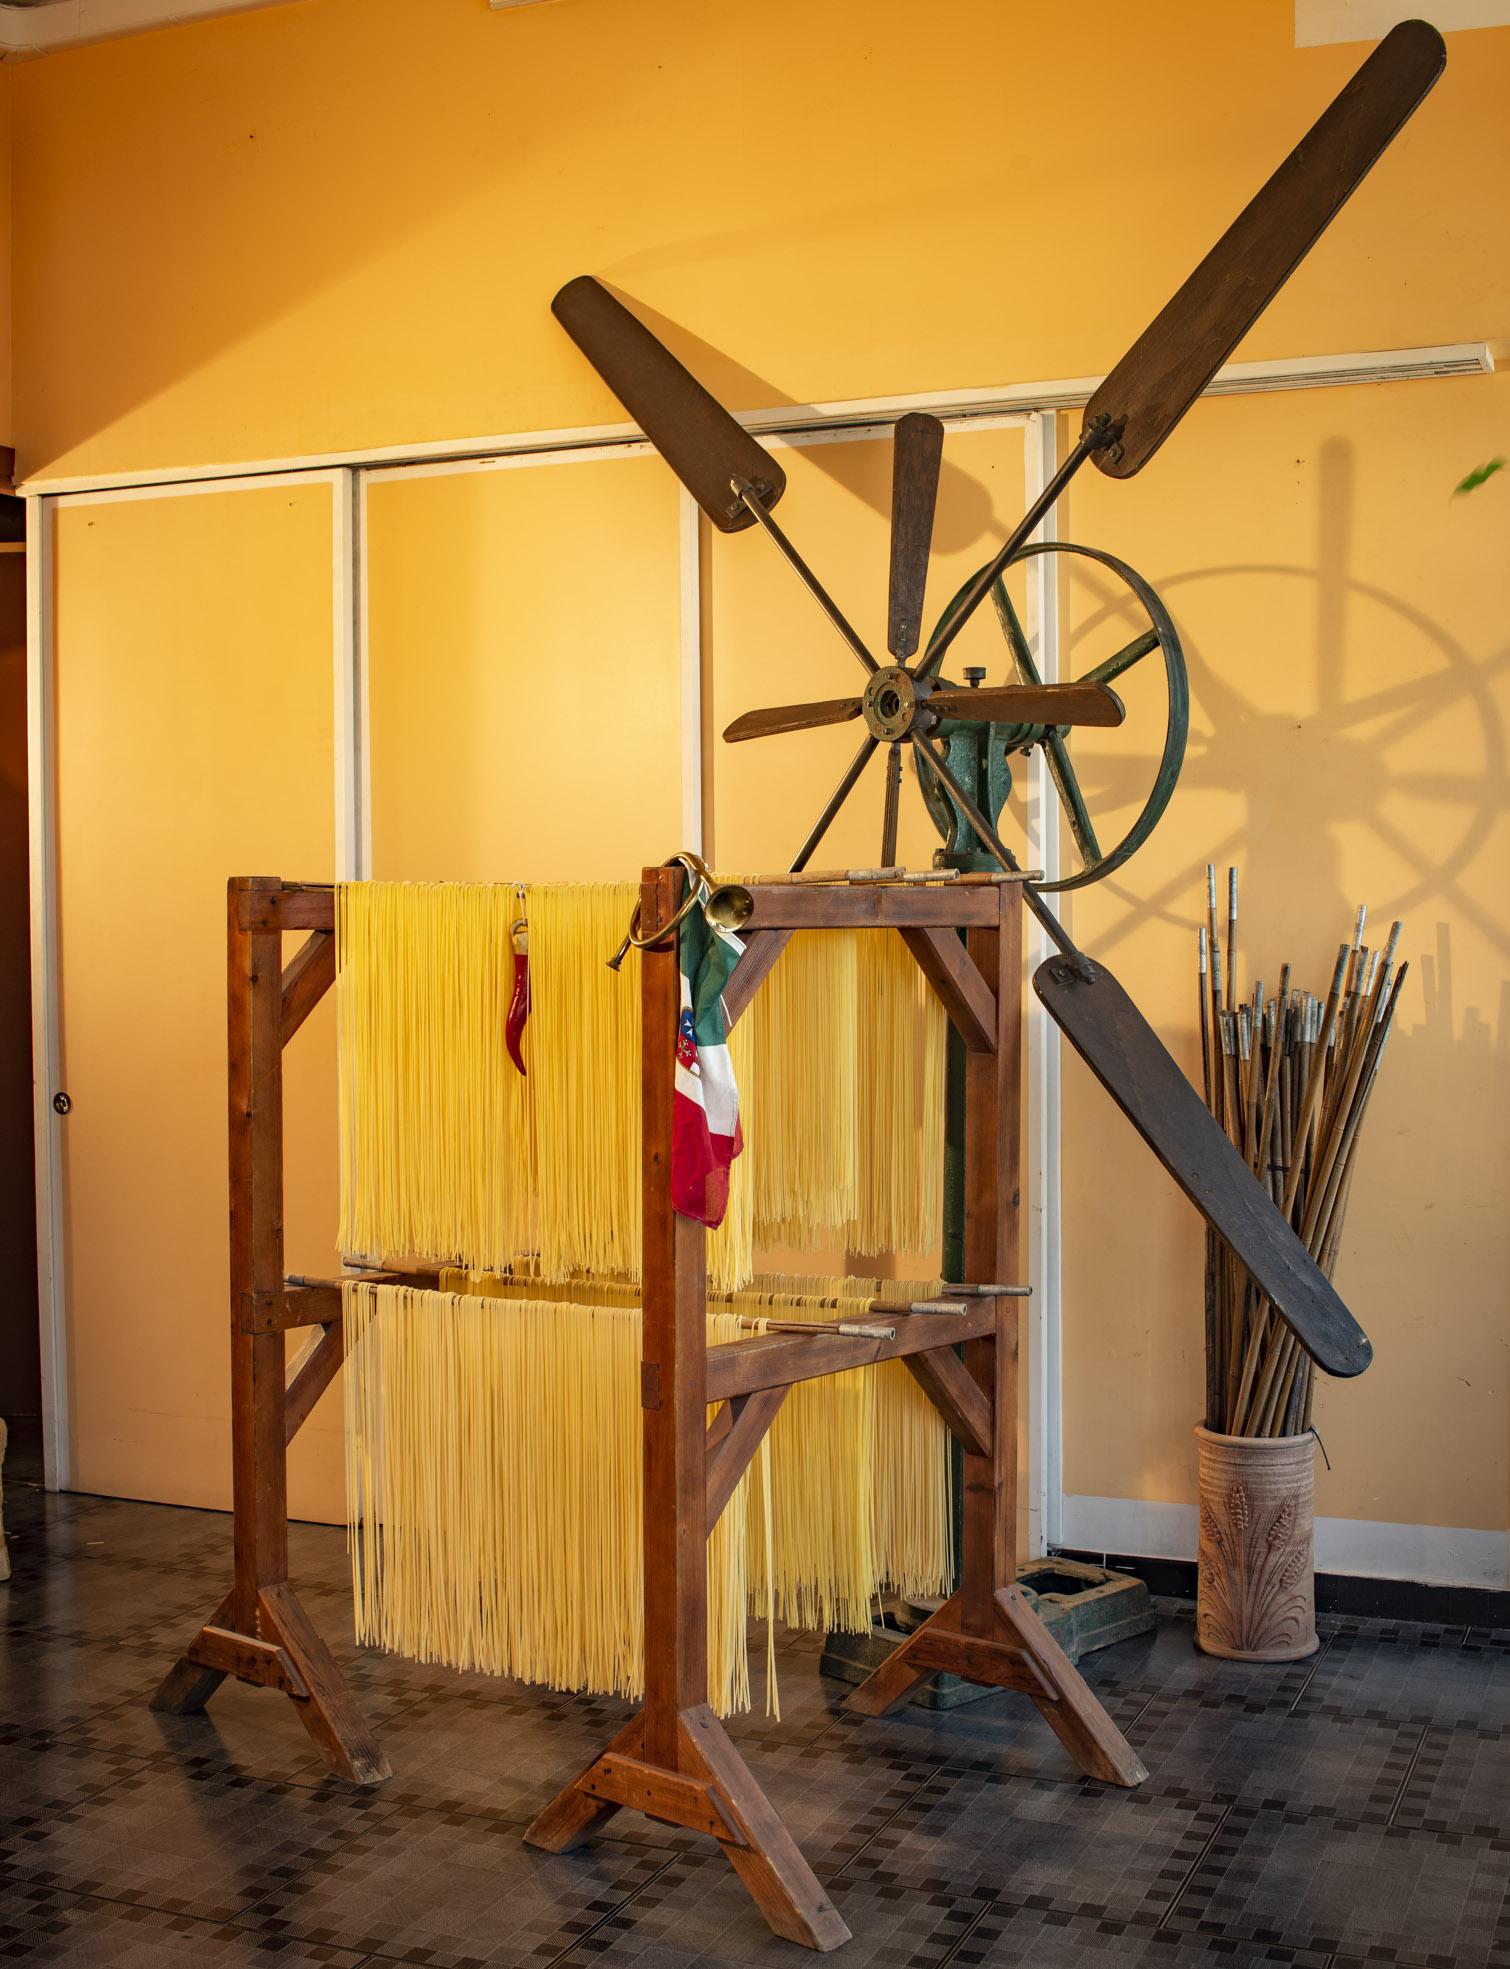 http://www.icom-italia.org/wp-content/uploads/wpforms/10320-faf7ed92f83be88bc622f726ed042c0c/05_pasta-sulle-canne-di-bambu-con-ventola-posteriore-9acdc9274f24954858d8474569558ffa.jpg